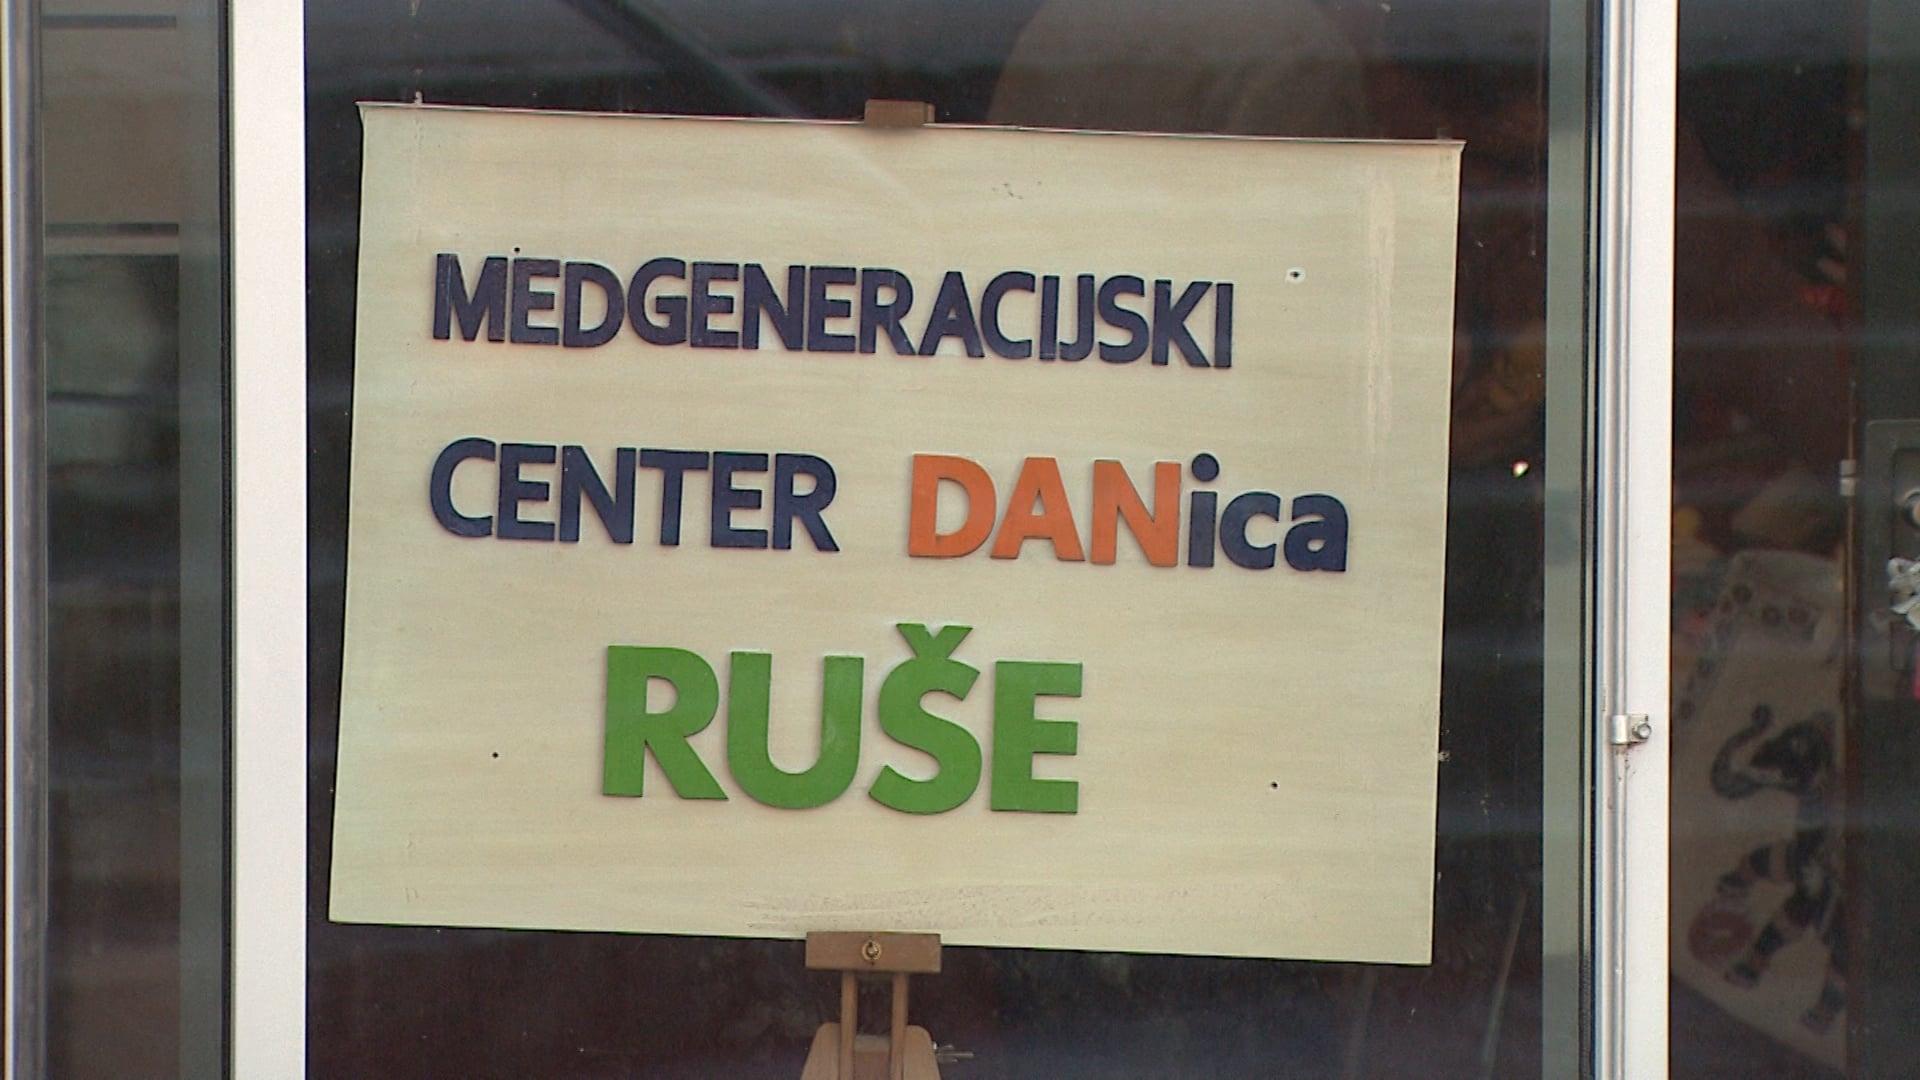 Medgeneracijski center DANica Ruše v novih prostorih